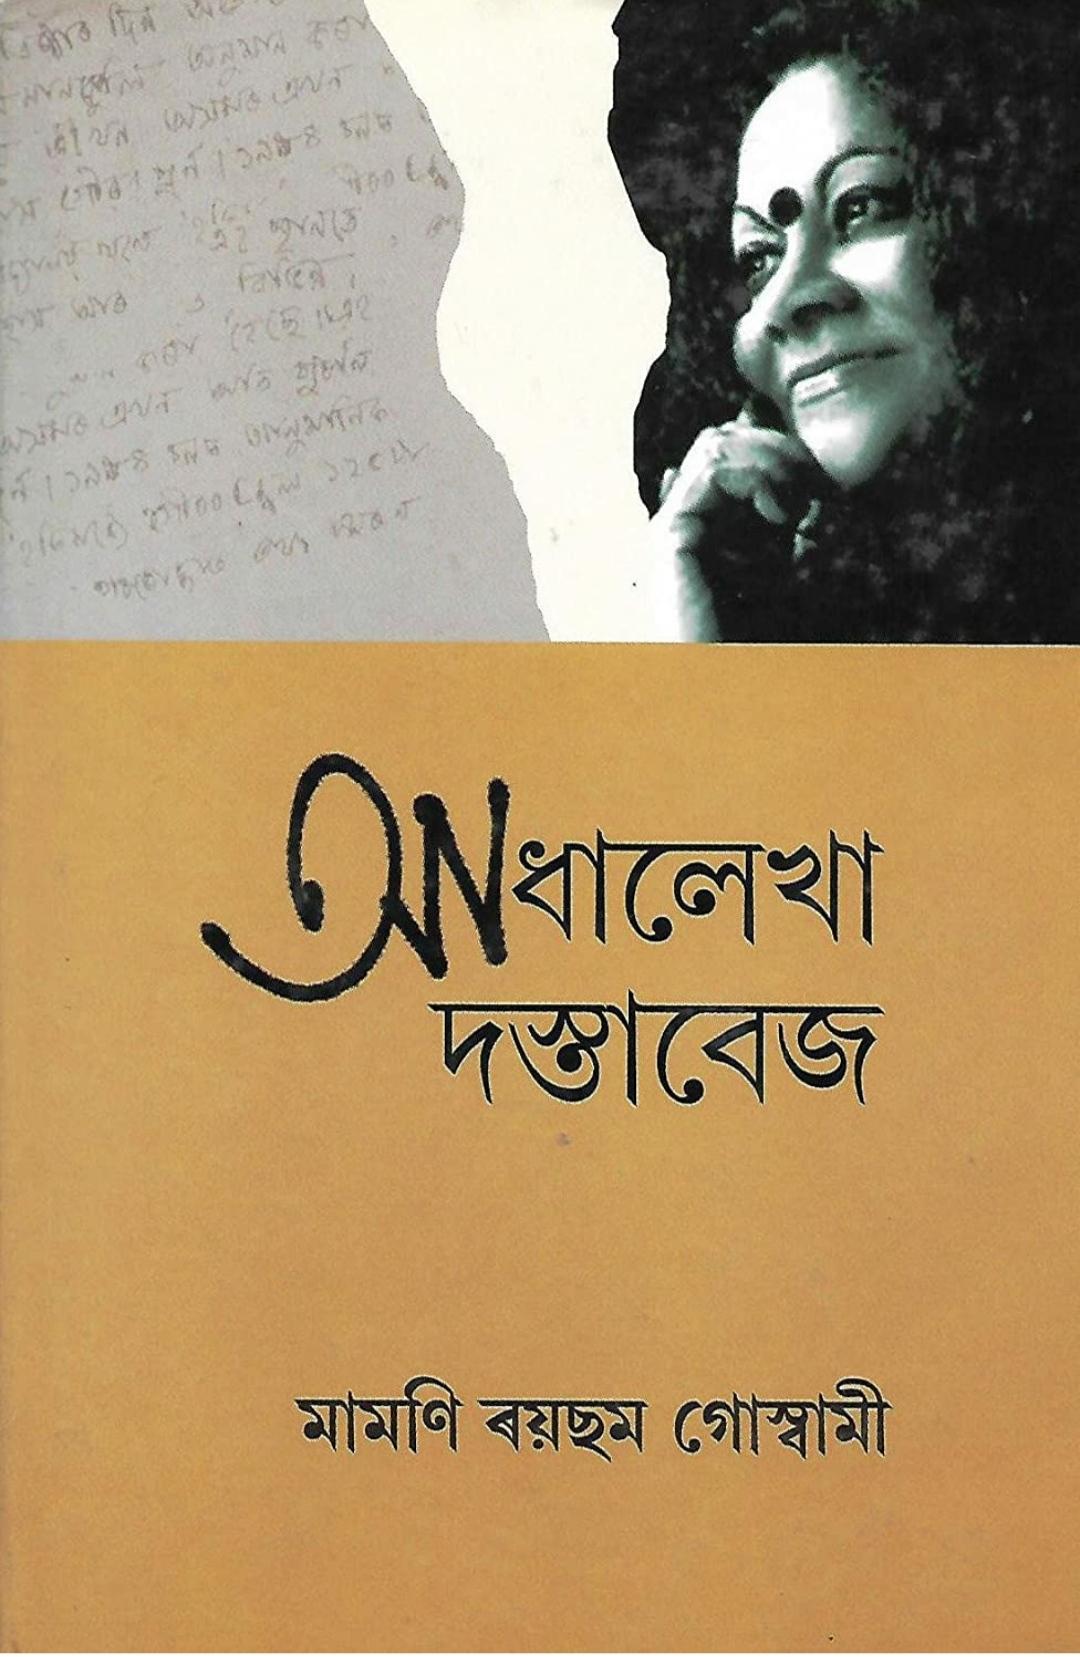 Adha Lekha Dastabej (আধা লিখা দস্তাবেজ)